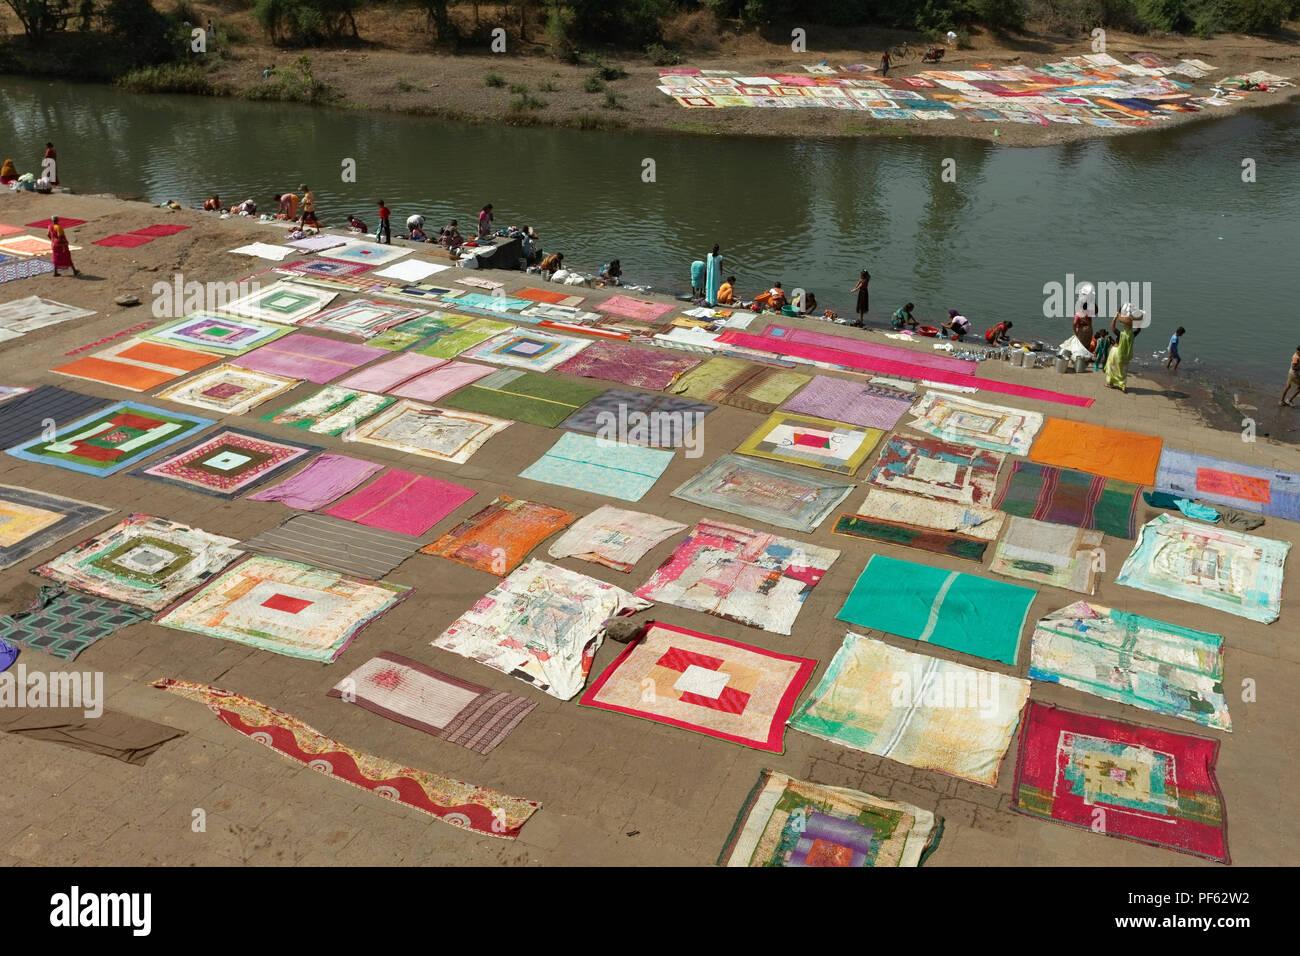 People washing and drying bed sheets, durries at Krishna River, Wai, Satara, Maharasthra, India - Stock Image